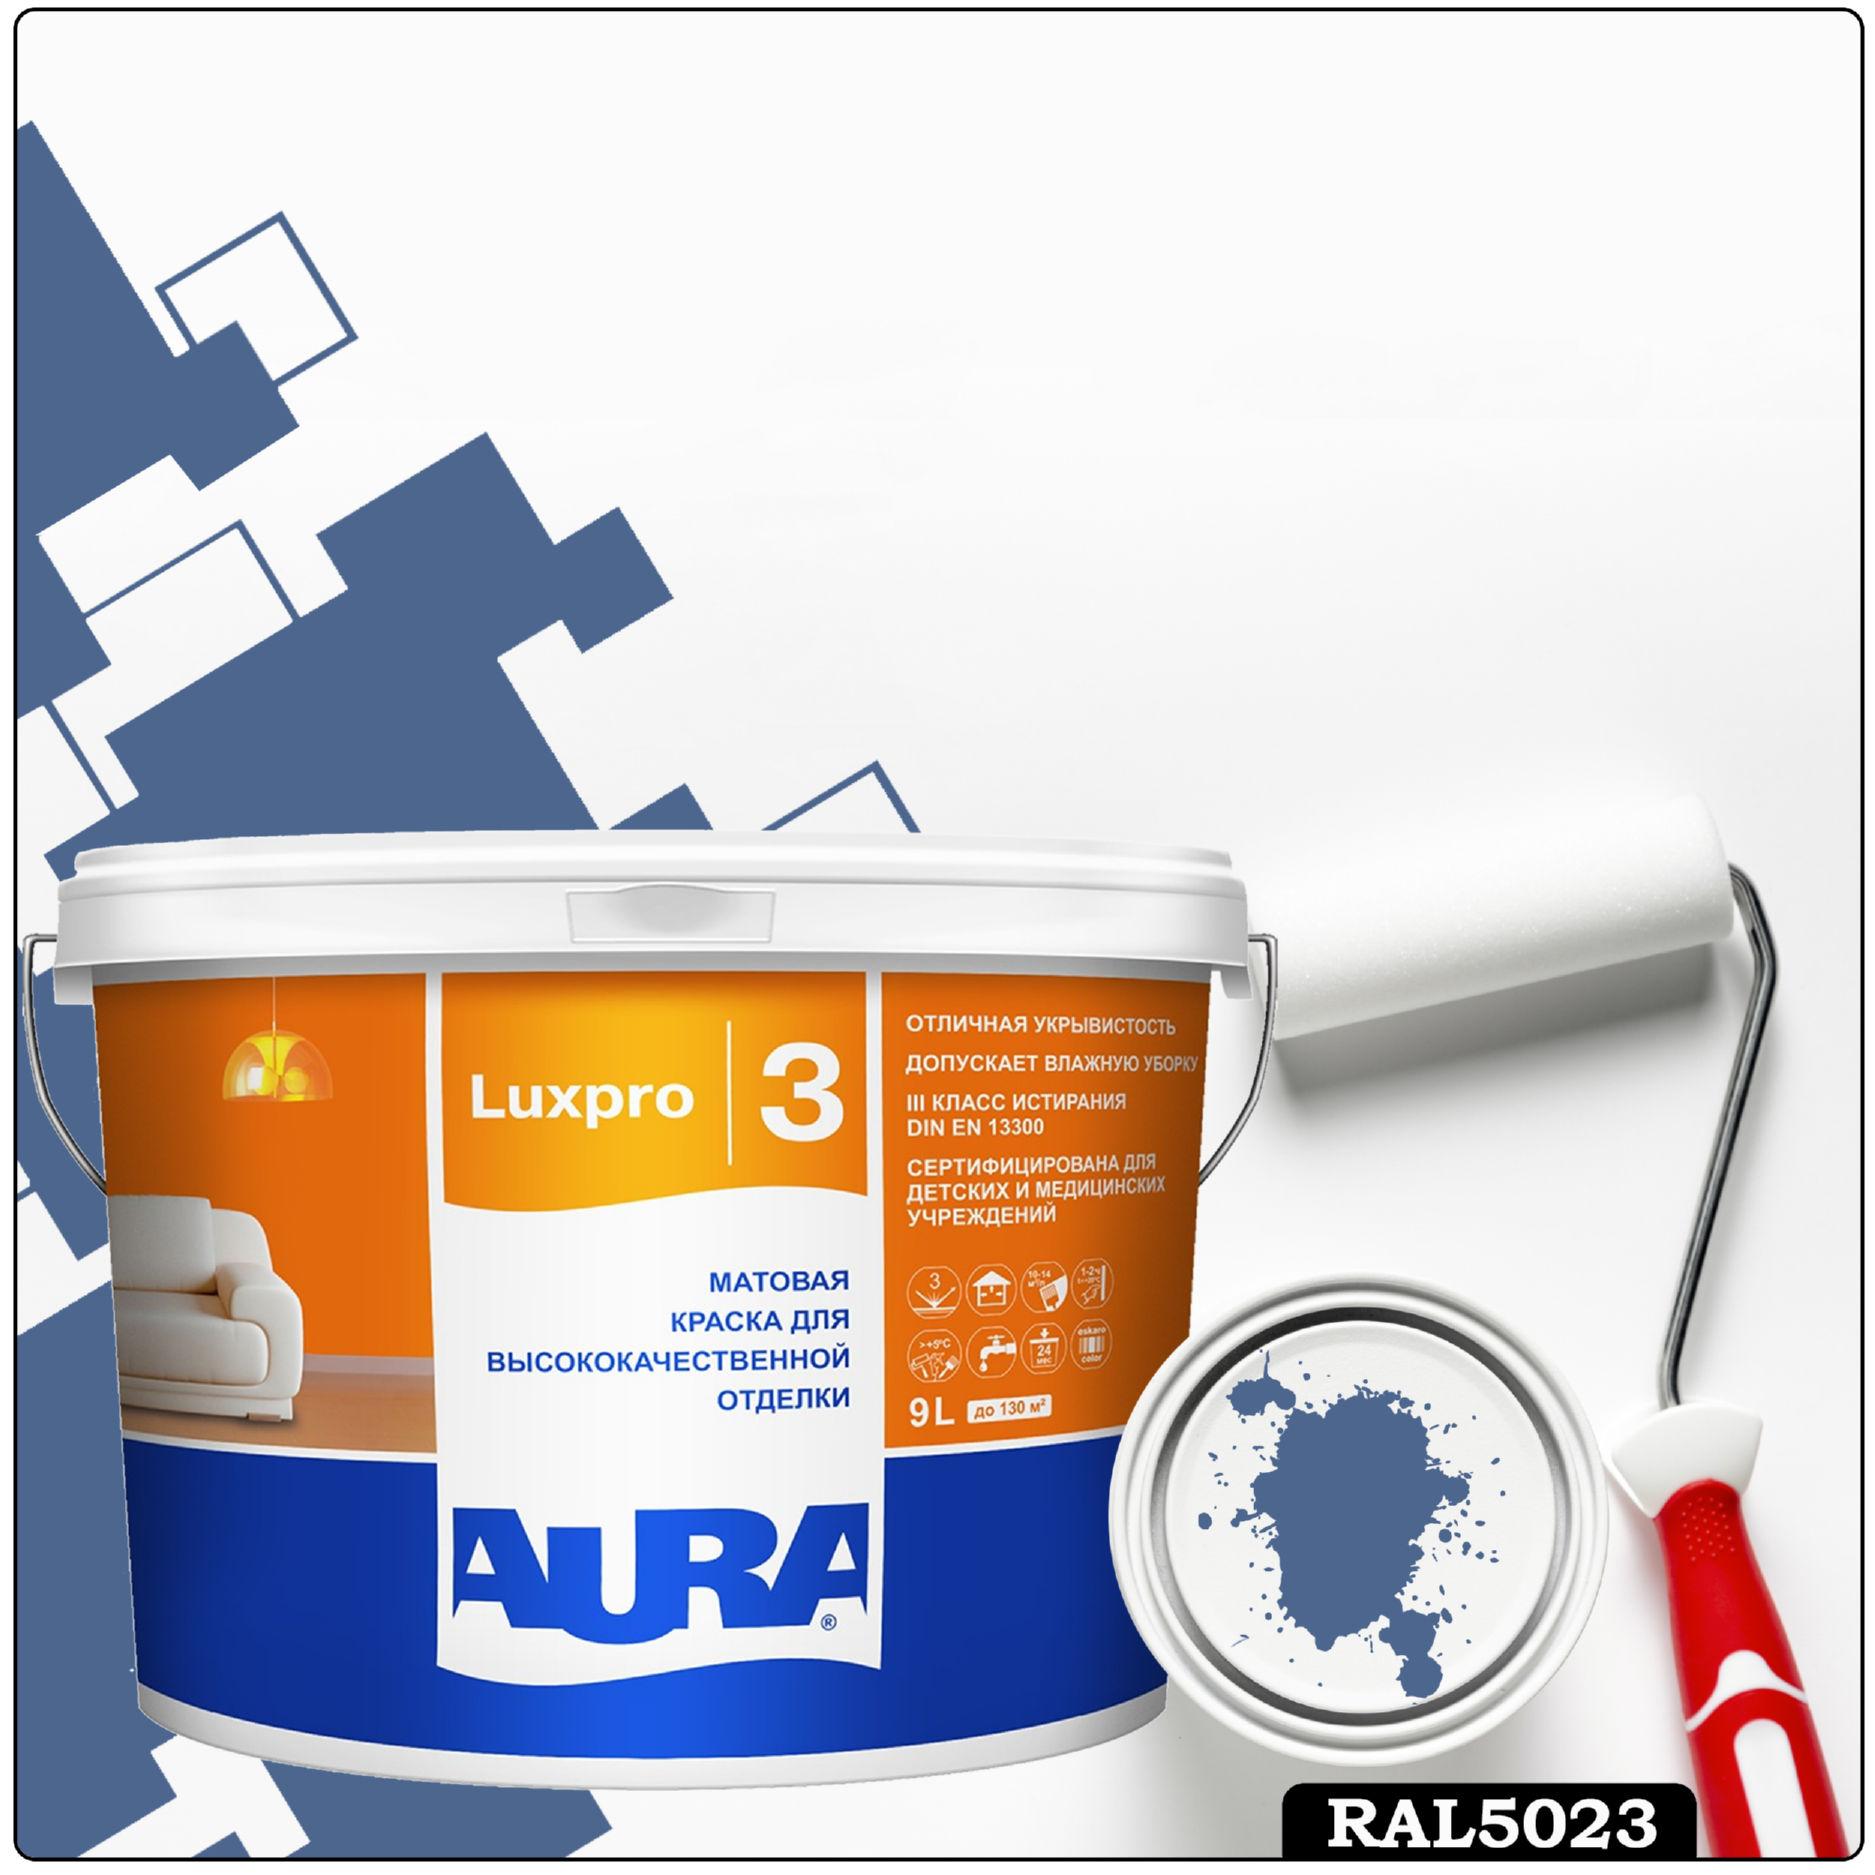 Фото 2 - Краска Aura LuxPRO 3, RAL 5023 Отдаленно-синий, латексная, шелково-матовая, интерьерная, 9л, Аура.